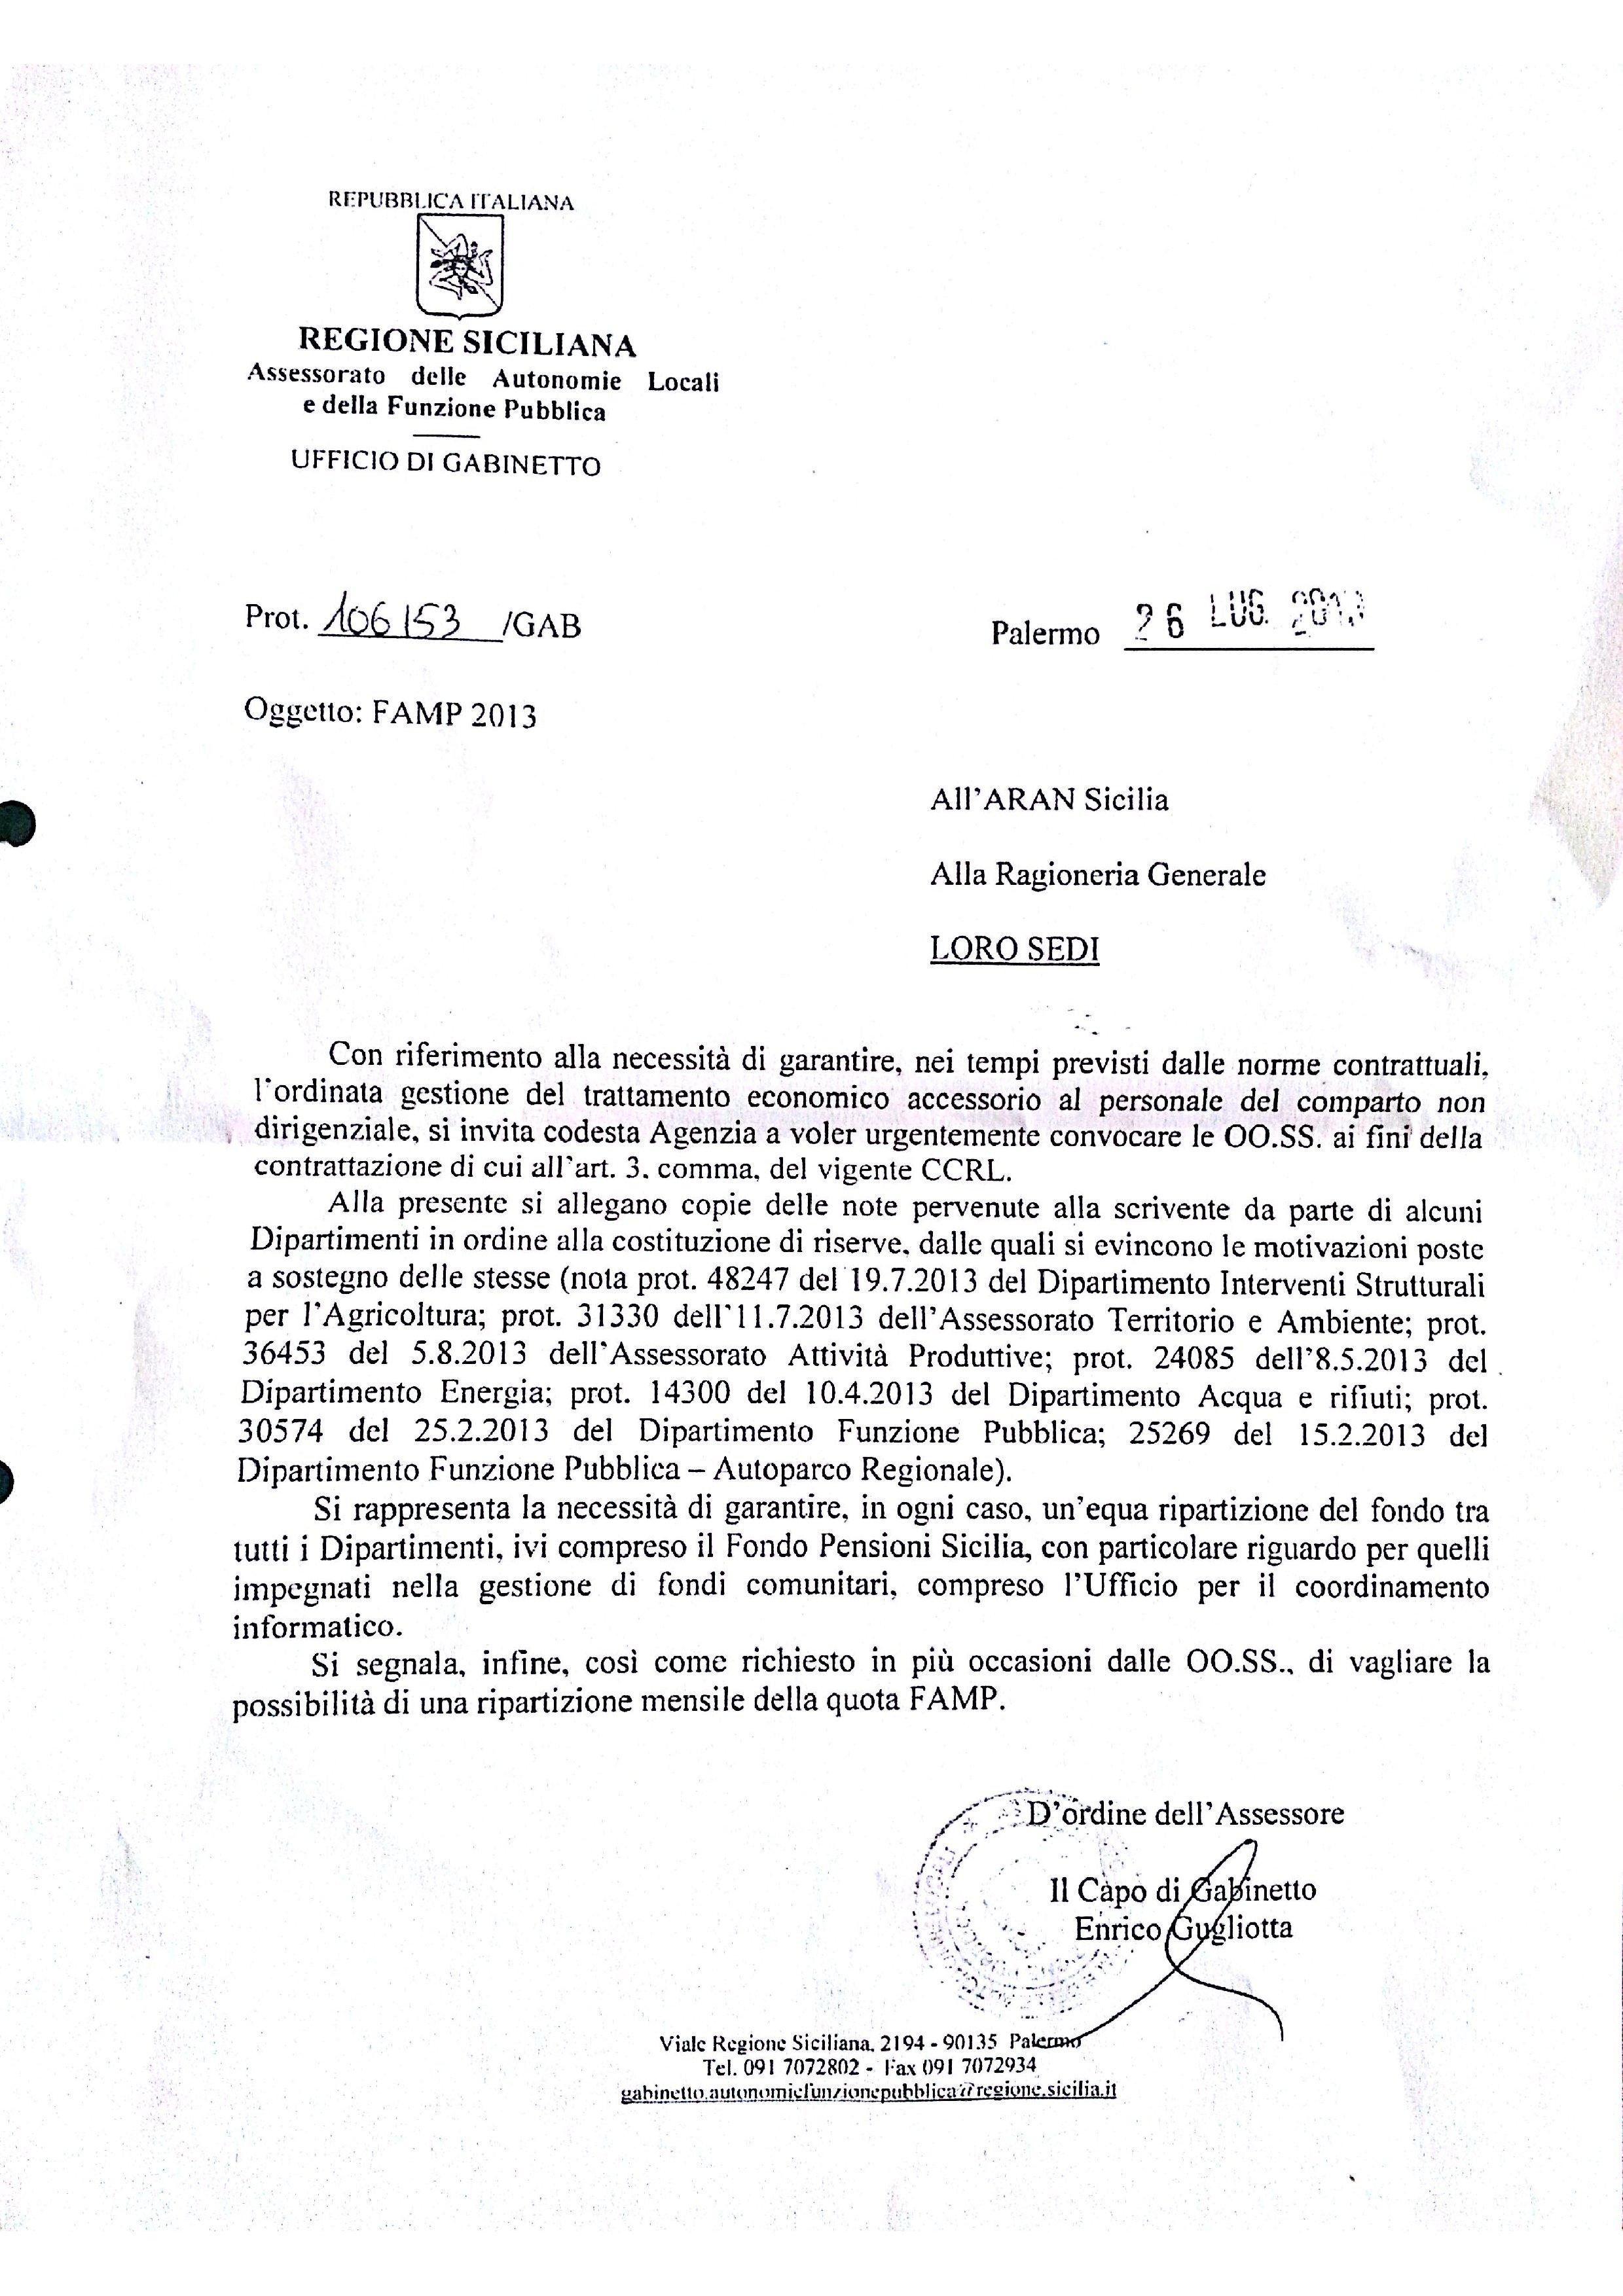 Direttive assessoriali su famp 2013